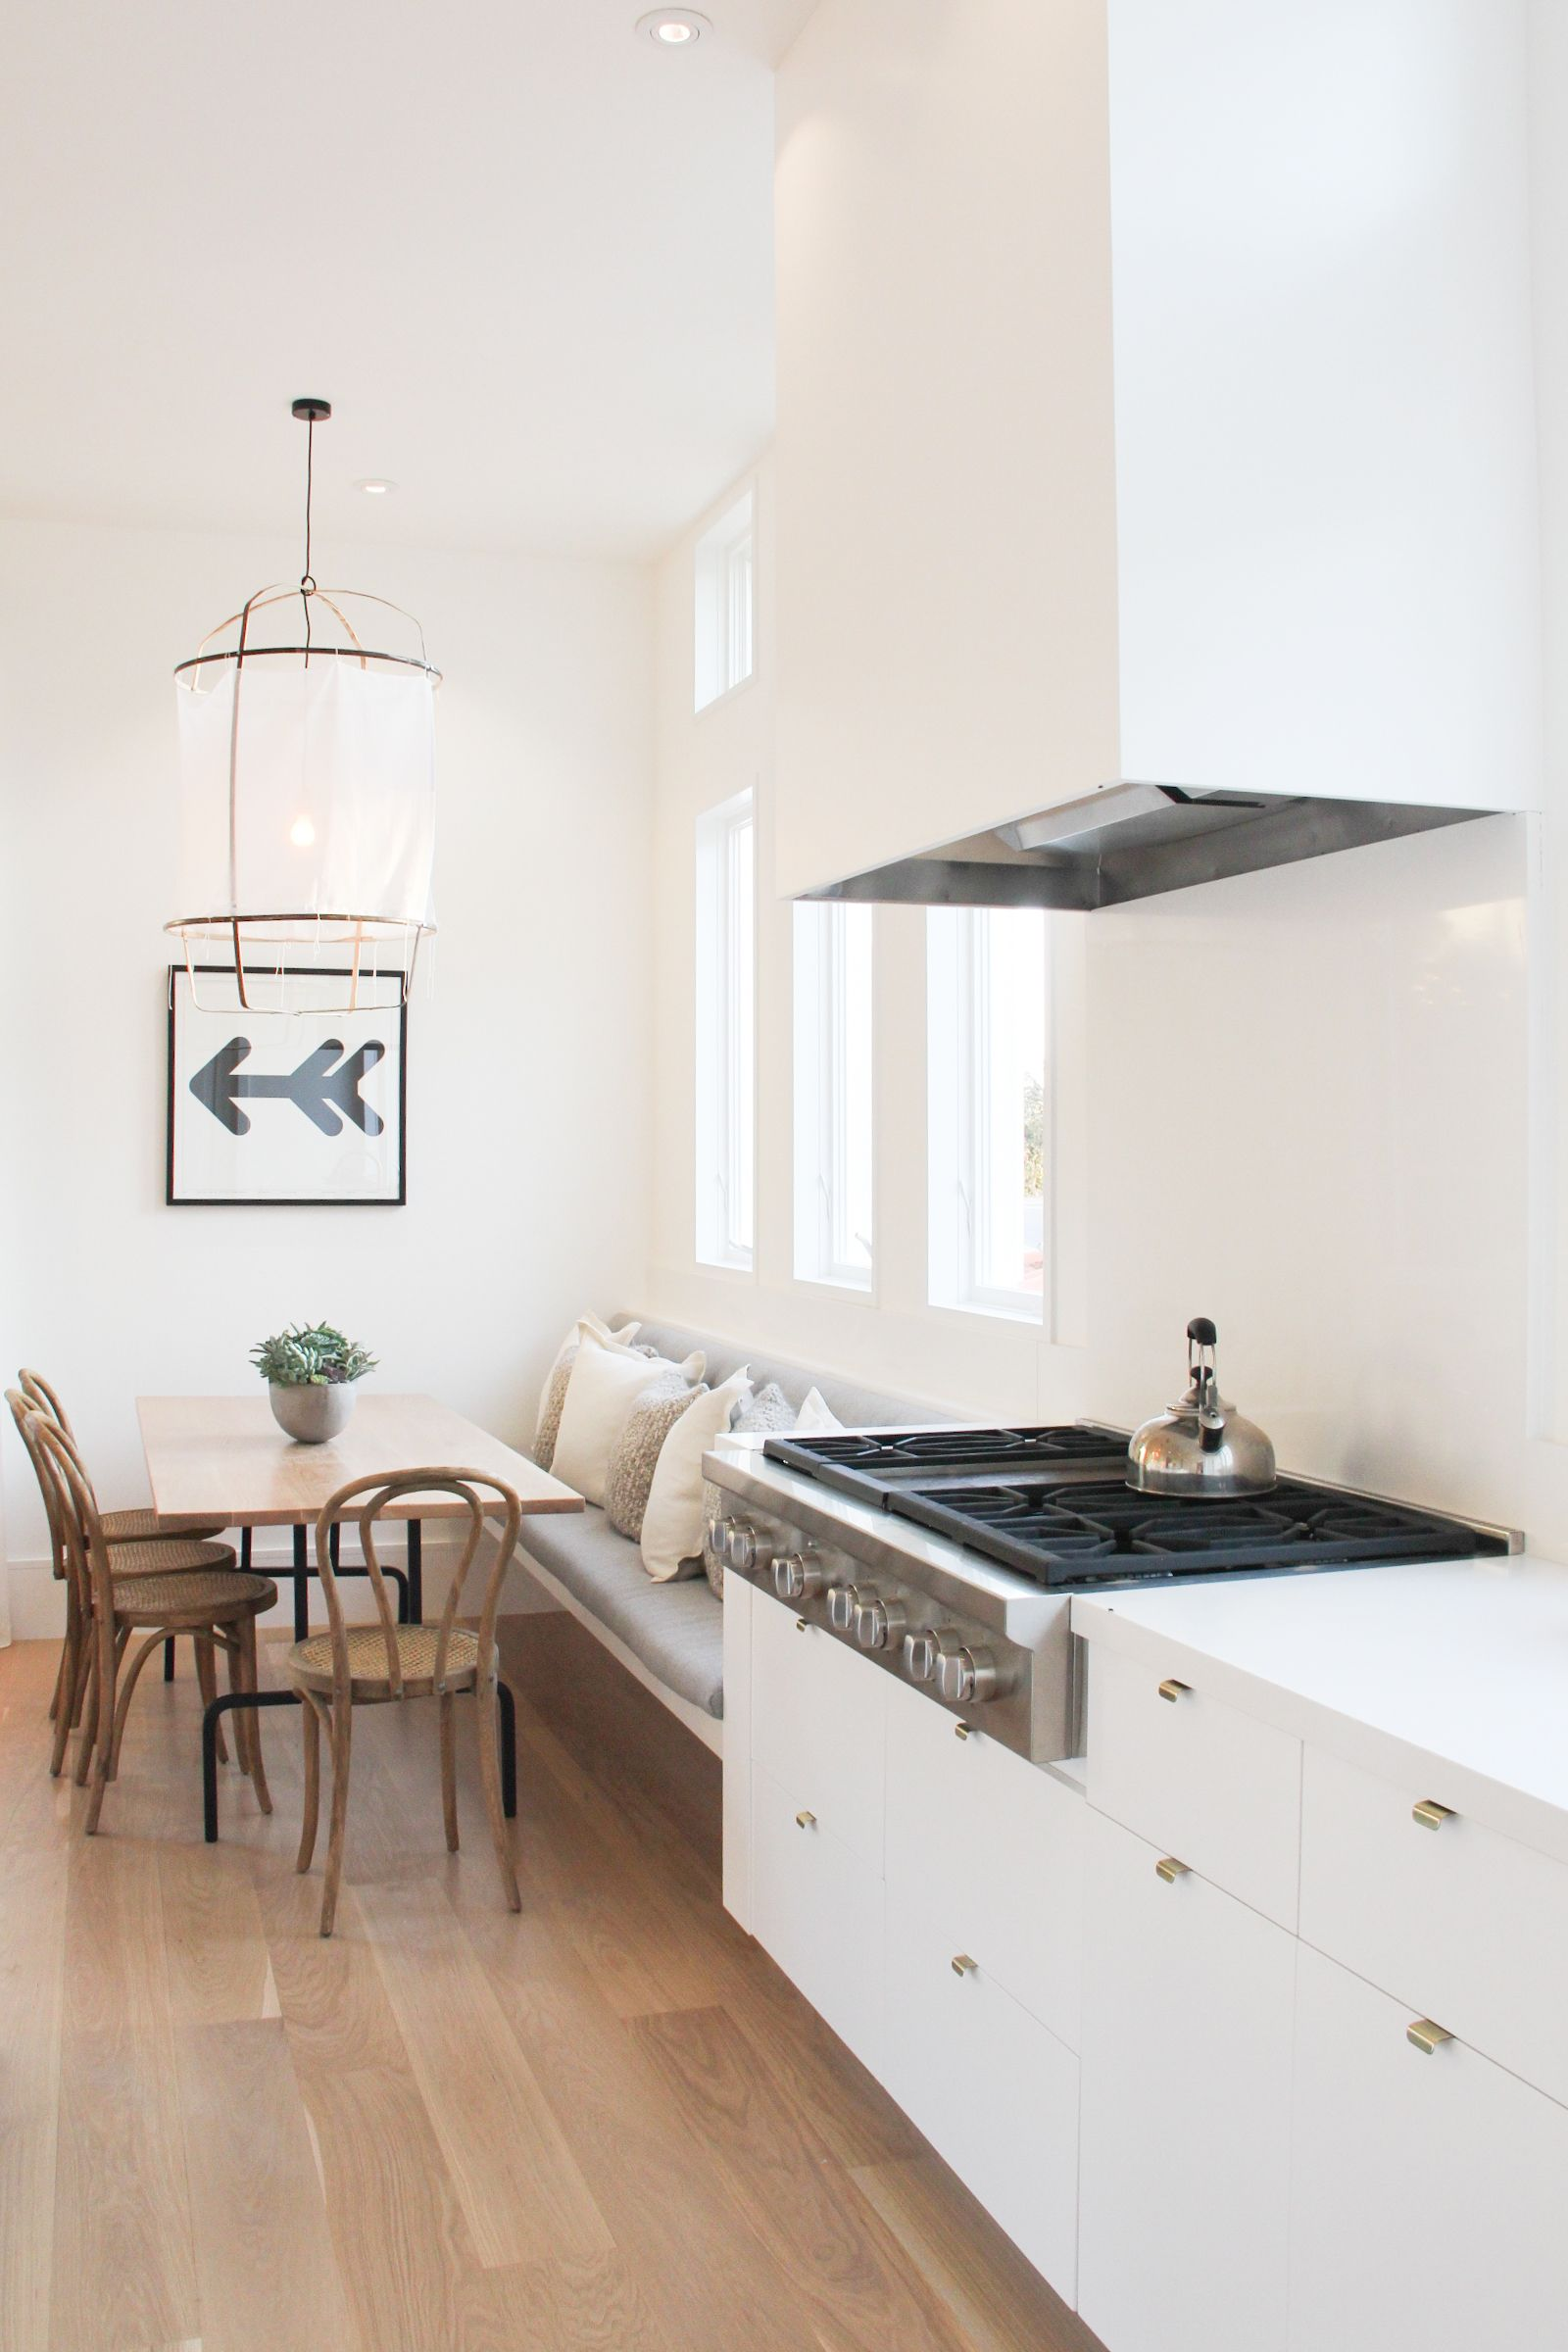 Cocina con suelo laminado c mo elegir el mejor suelo - Mejor suelo cocina ...